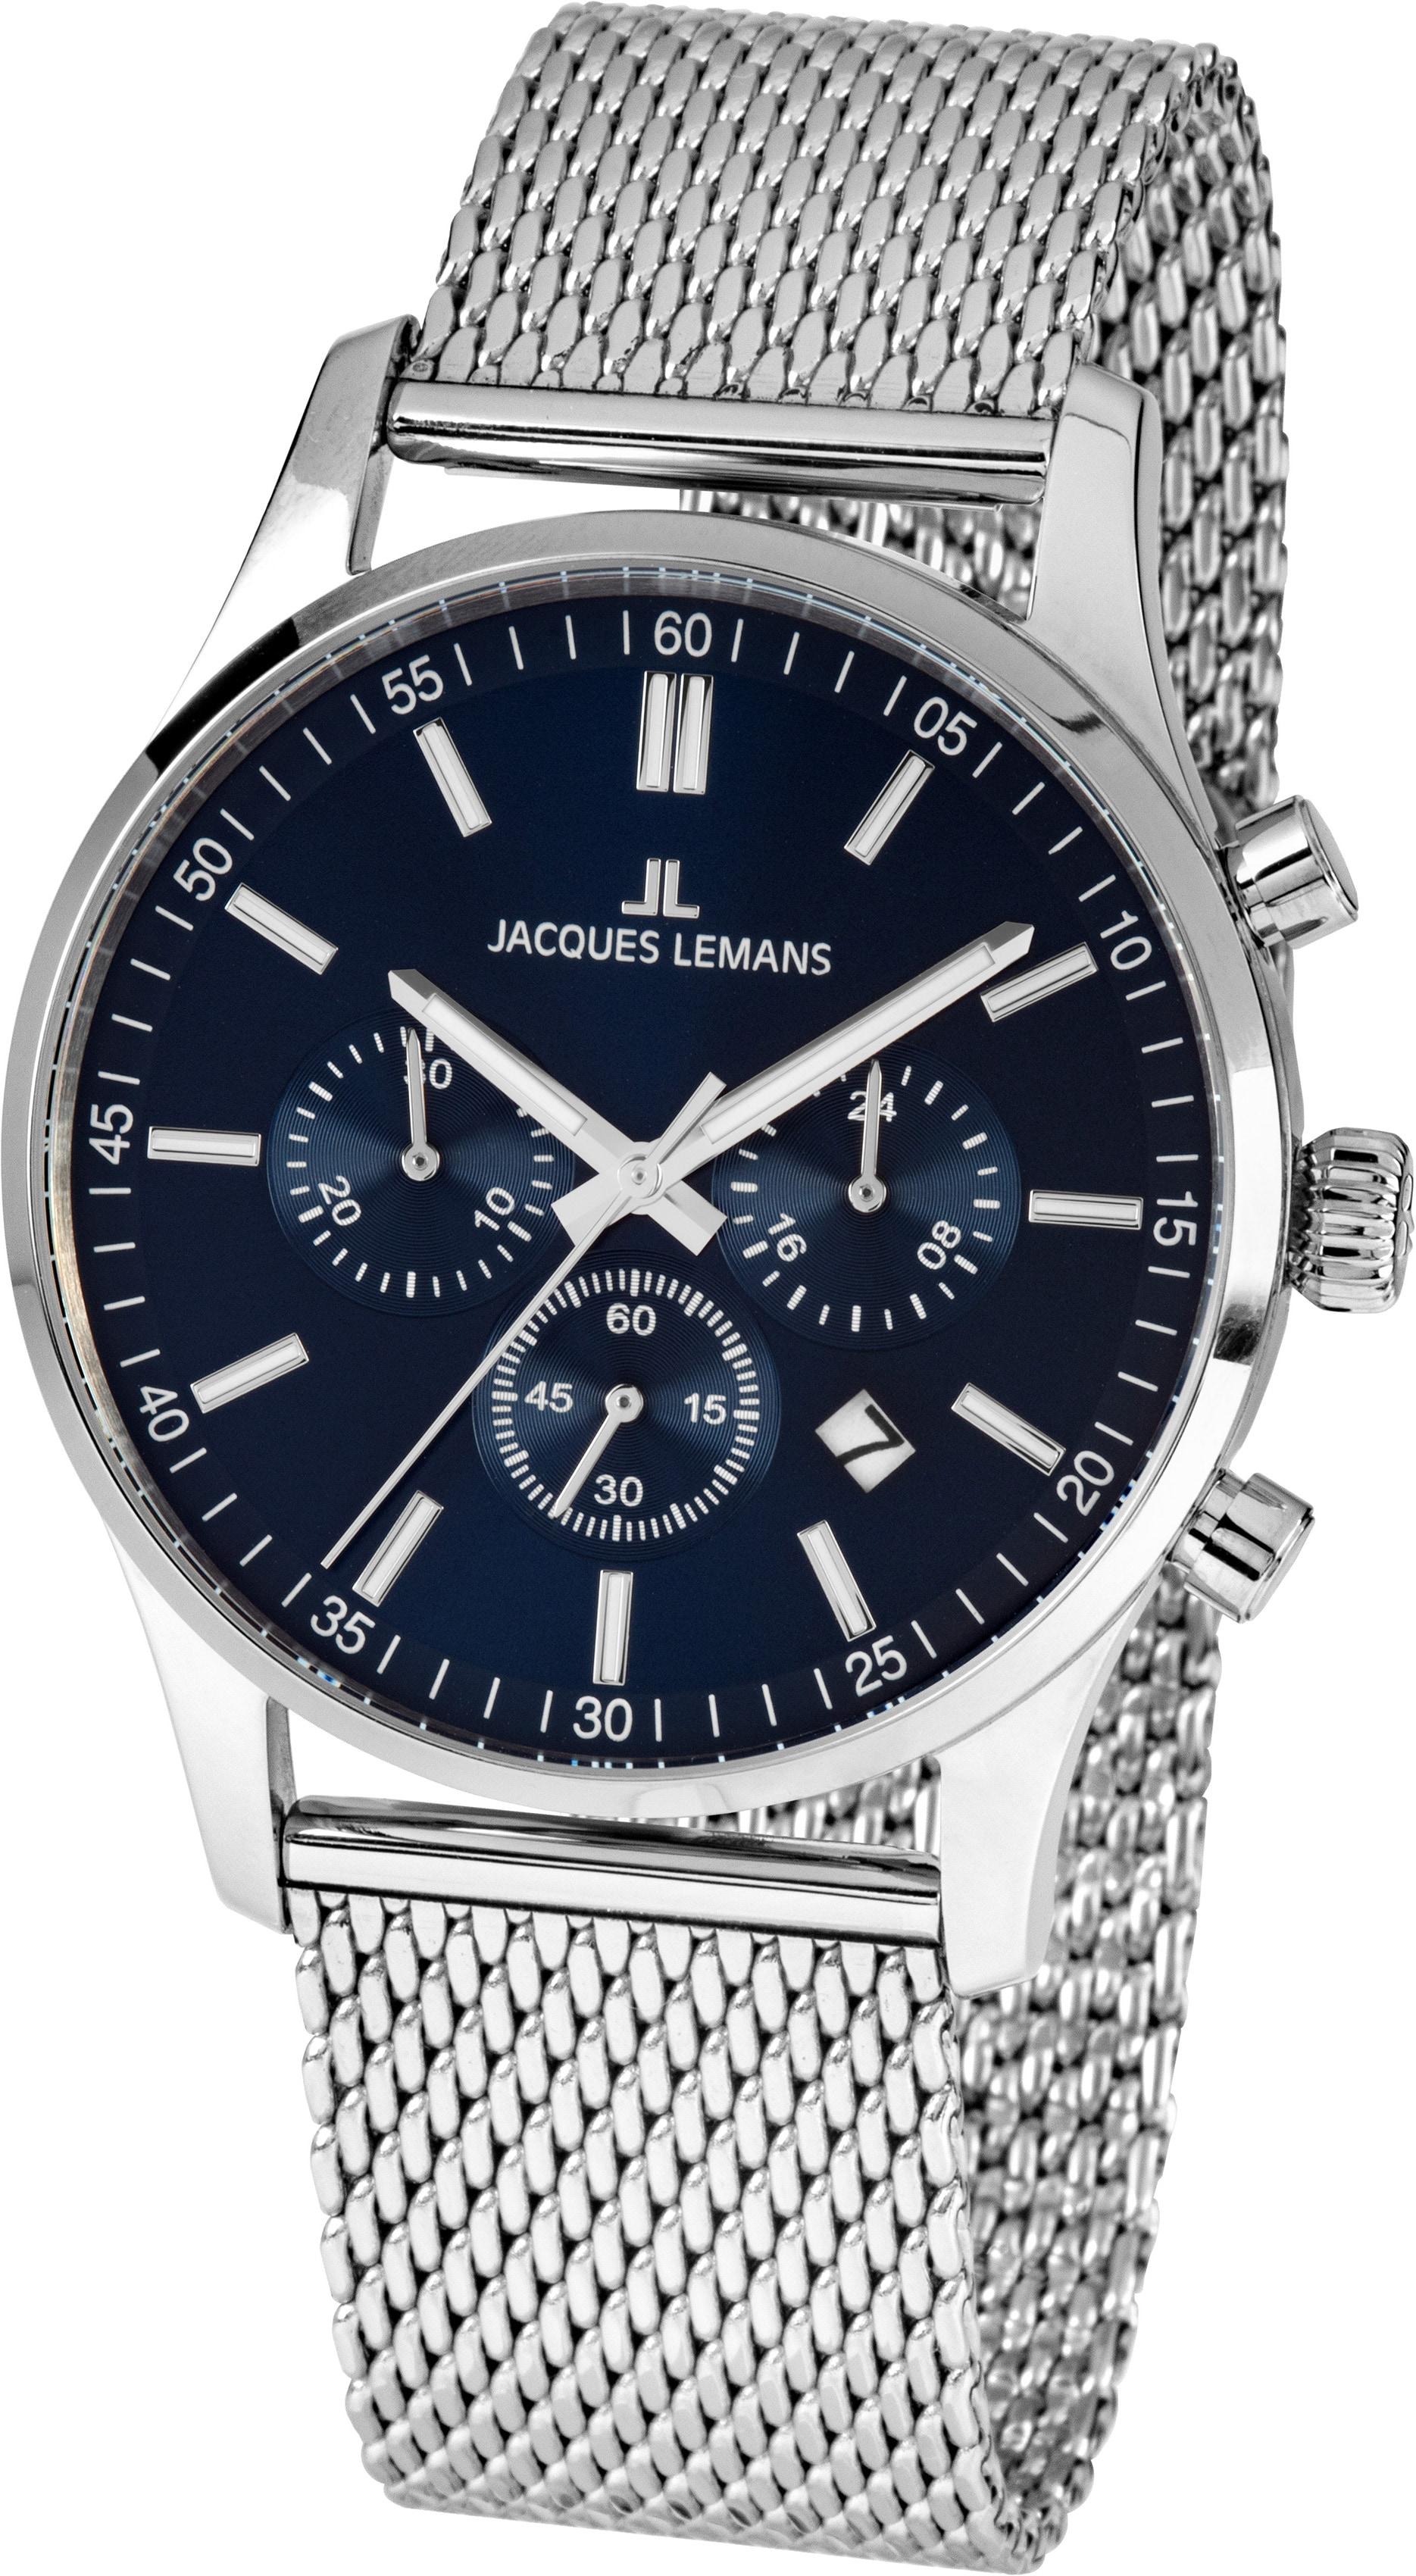 jacques lemans -  Chronograph London, 1-2025H